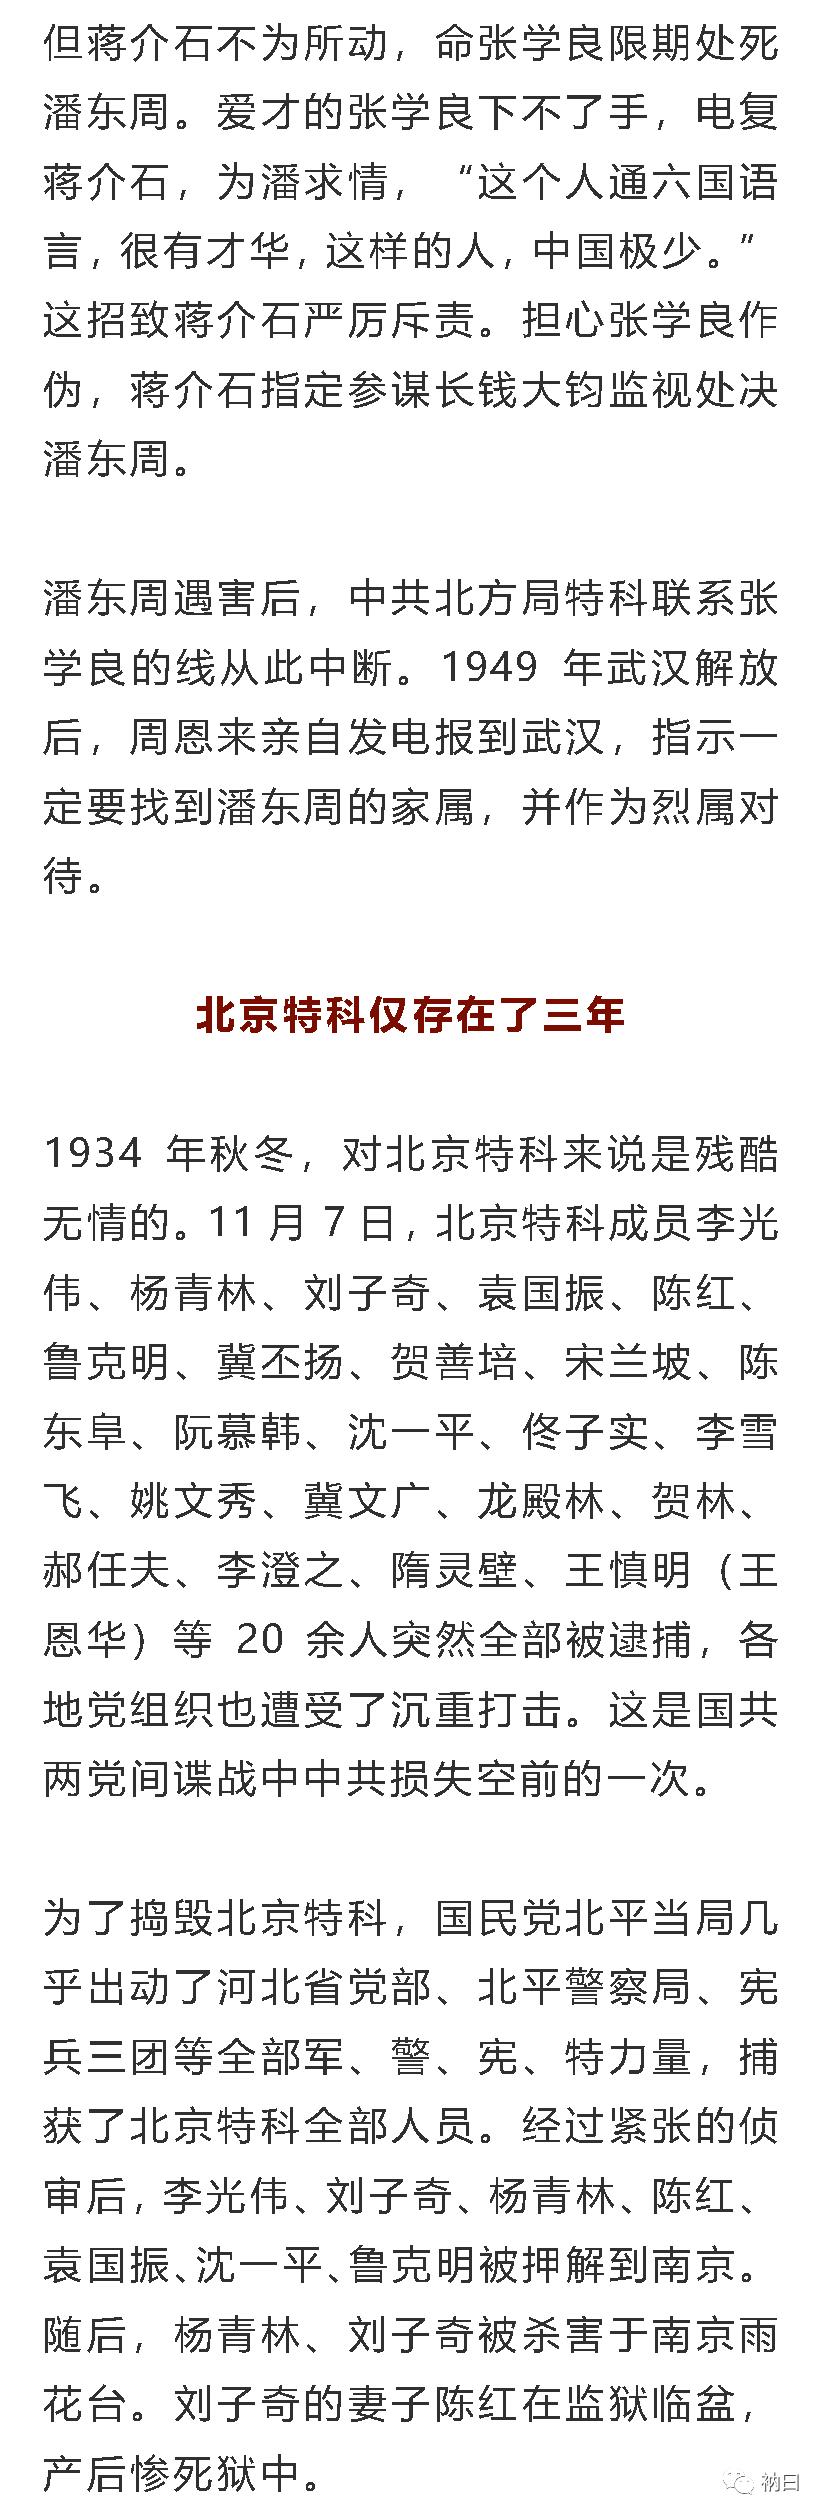 1934年周恩来创建的北京特科为何遭全军覆没